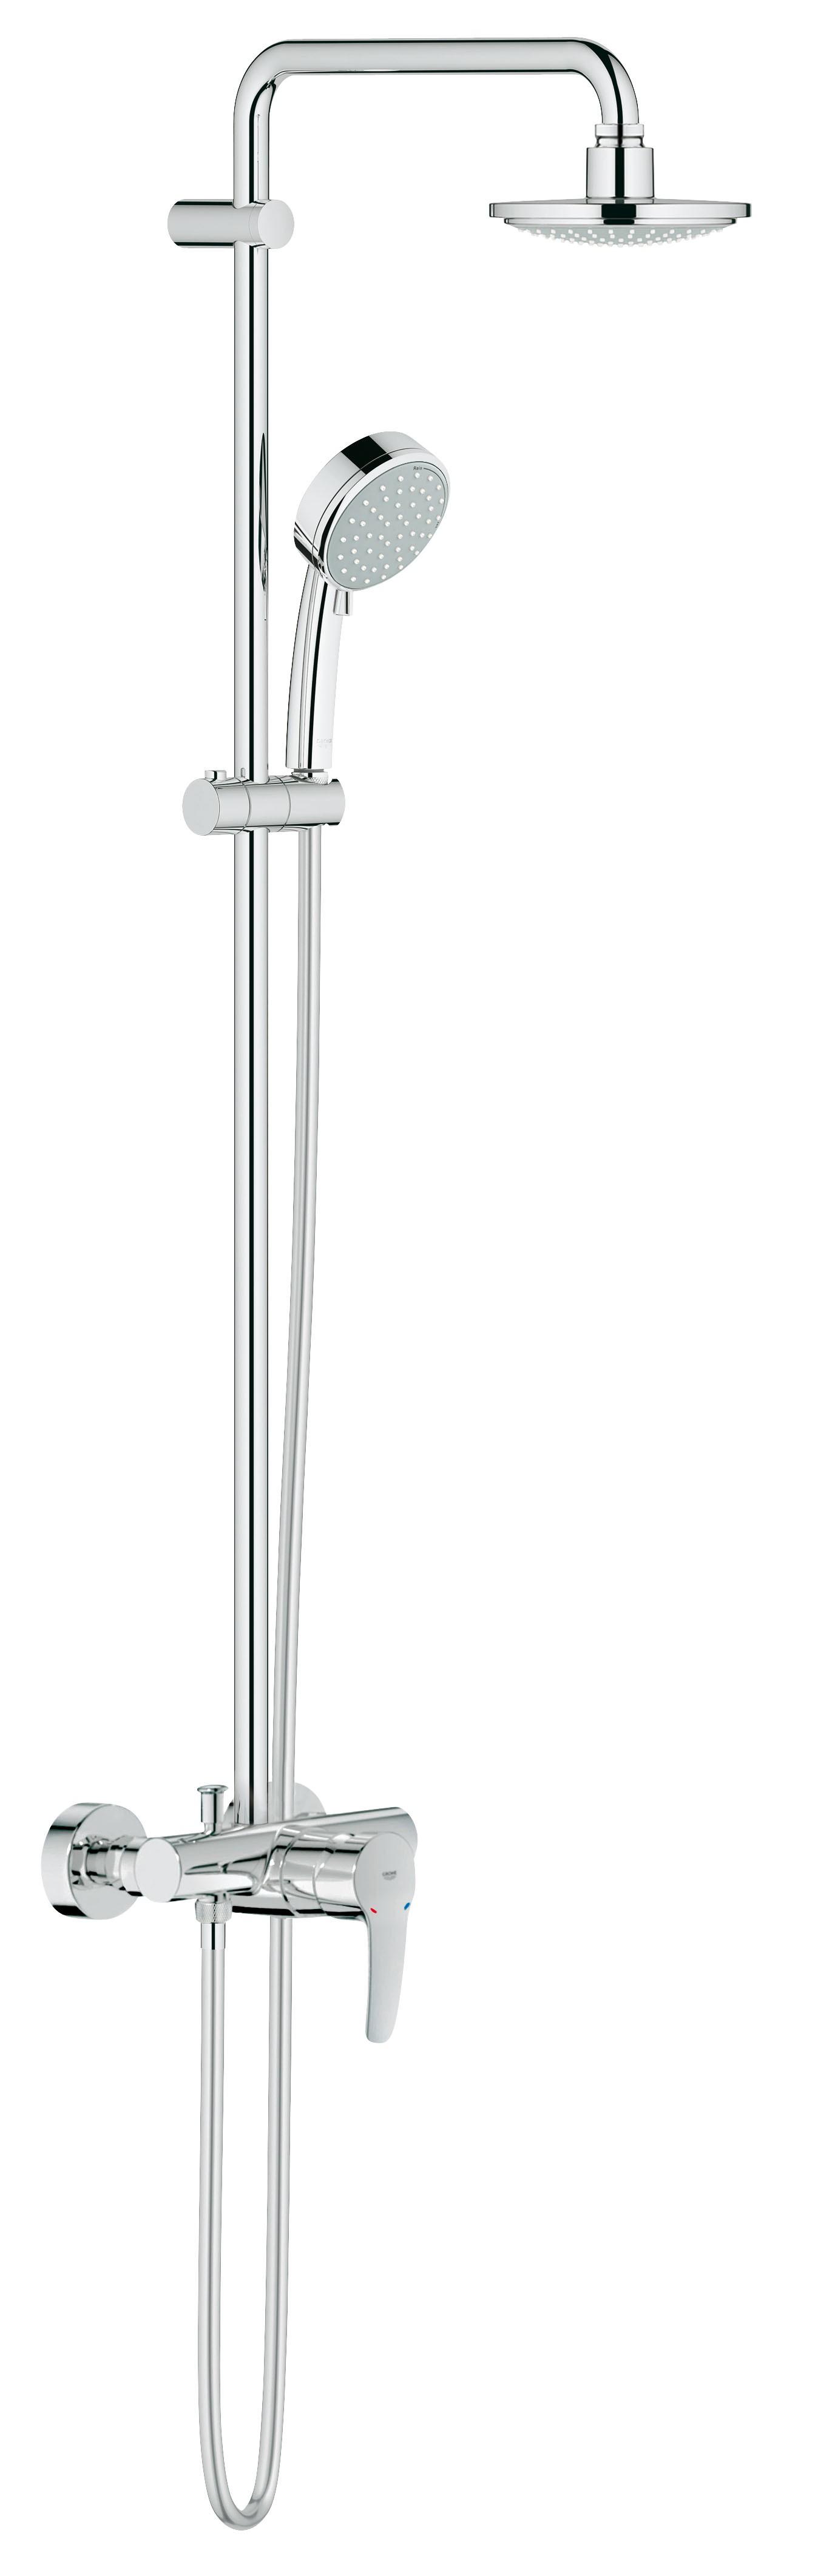 Душевая система Grohe 26224000 Tempesta Cosmopolitan 160 с верхним и ручным душем, хром